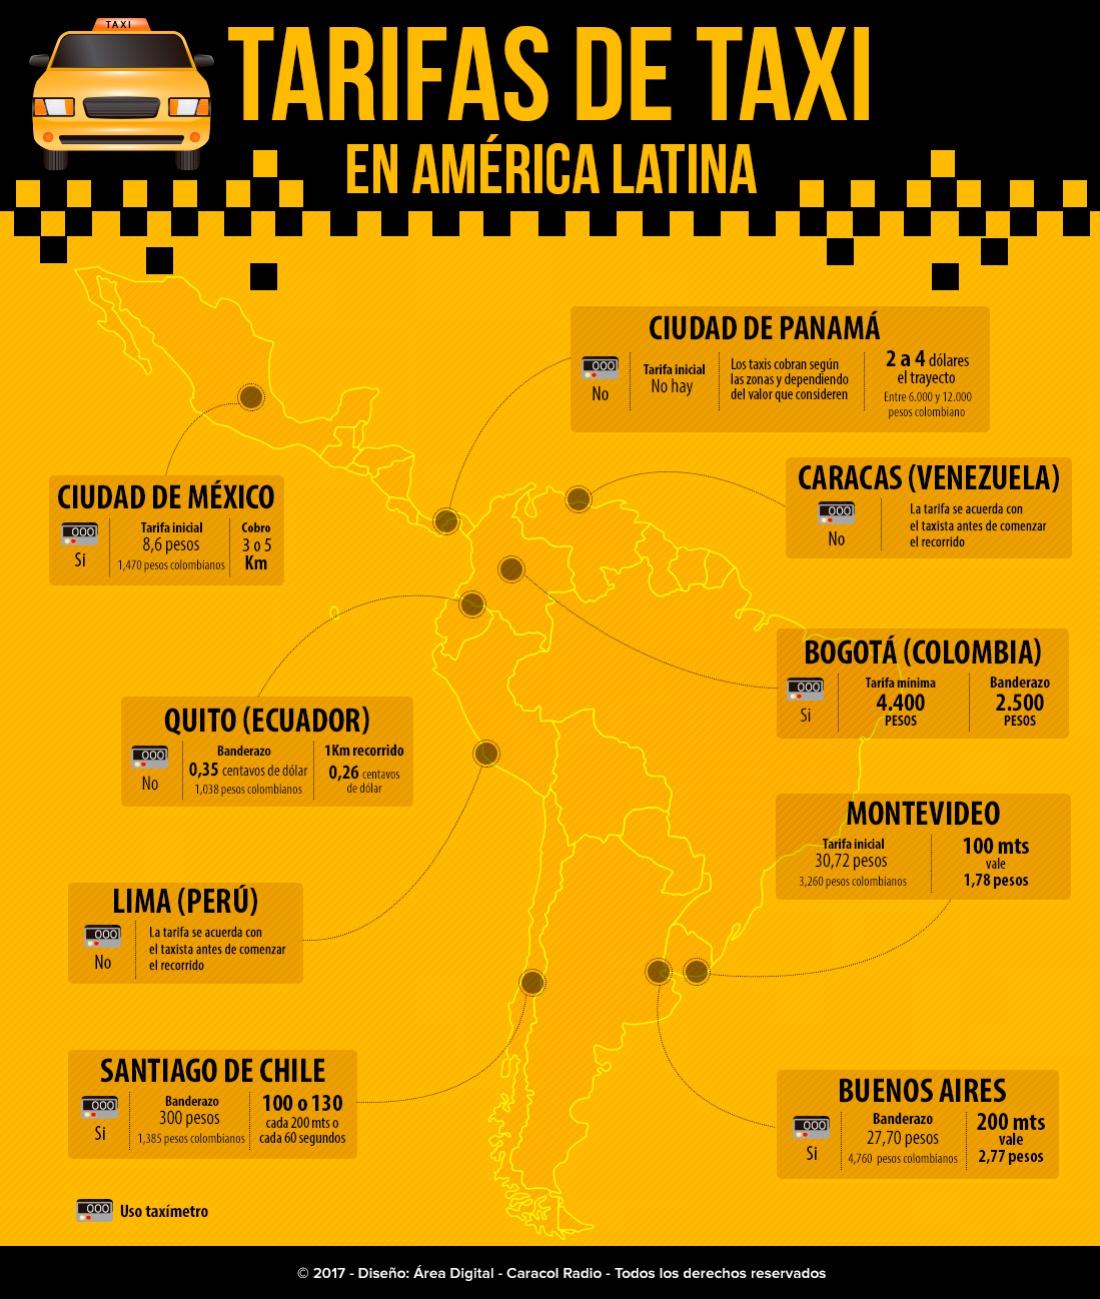 Costo de la carera mínima en Colombia: Así son las tarifas de taxi en América Latina